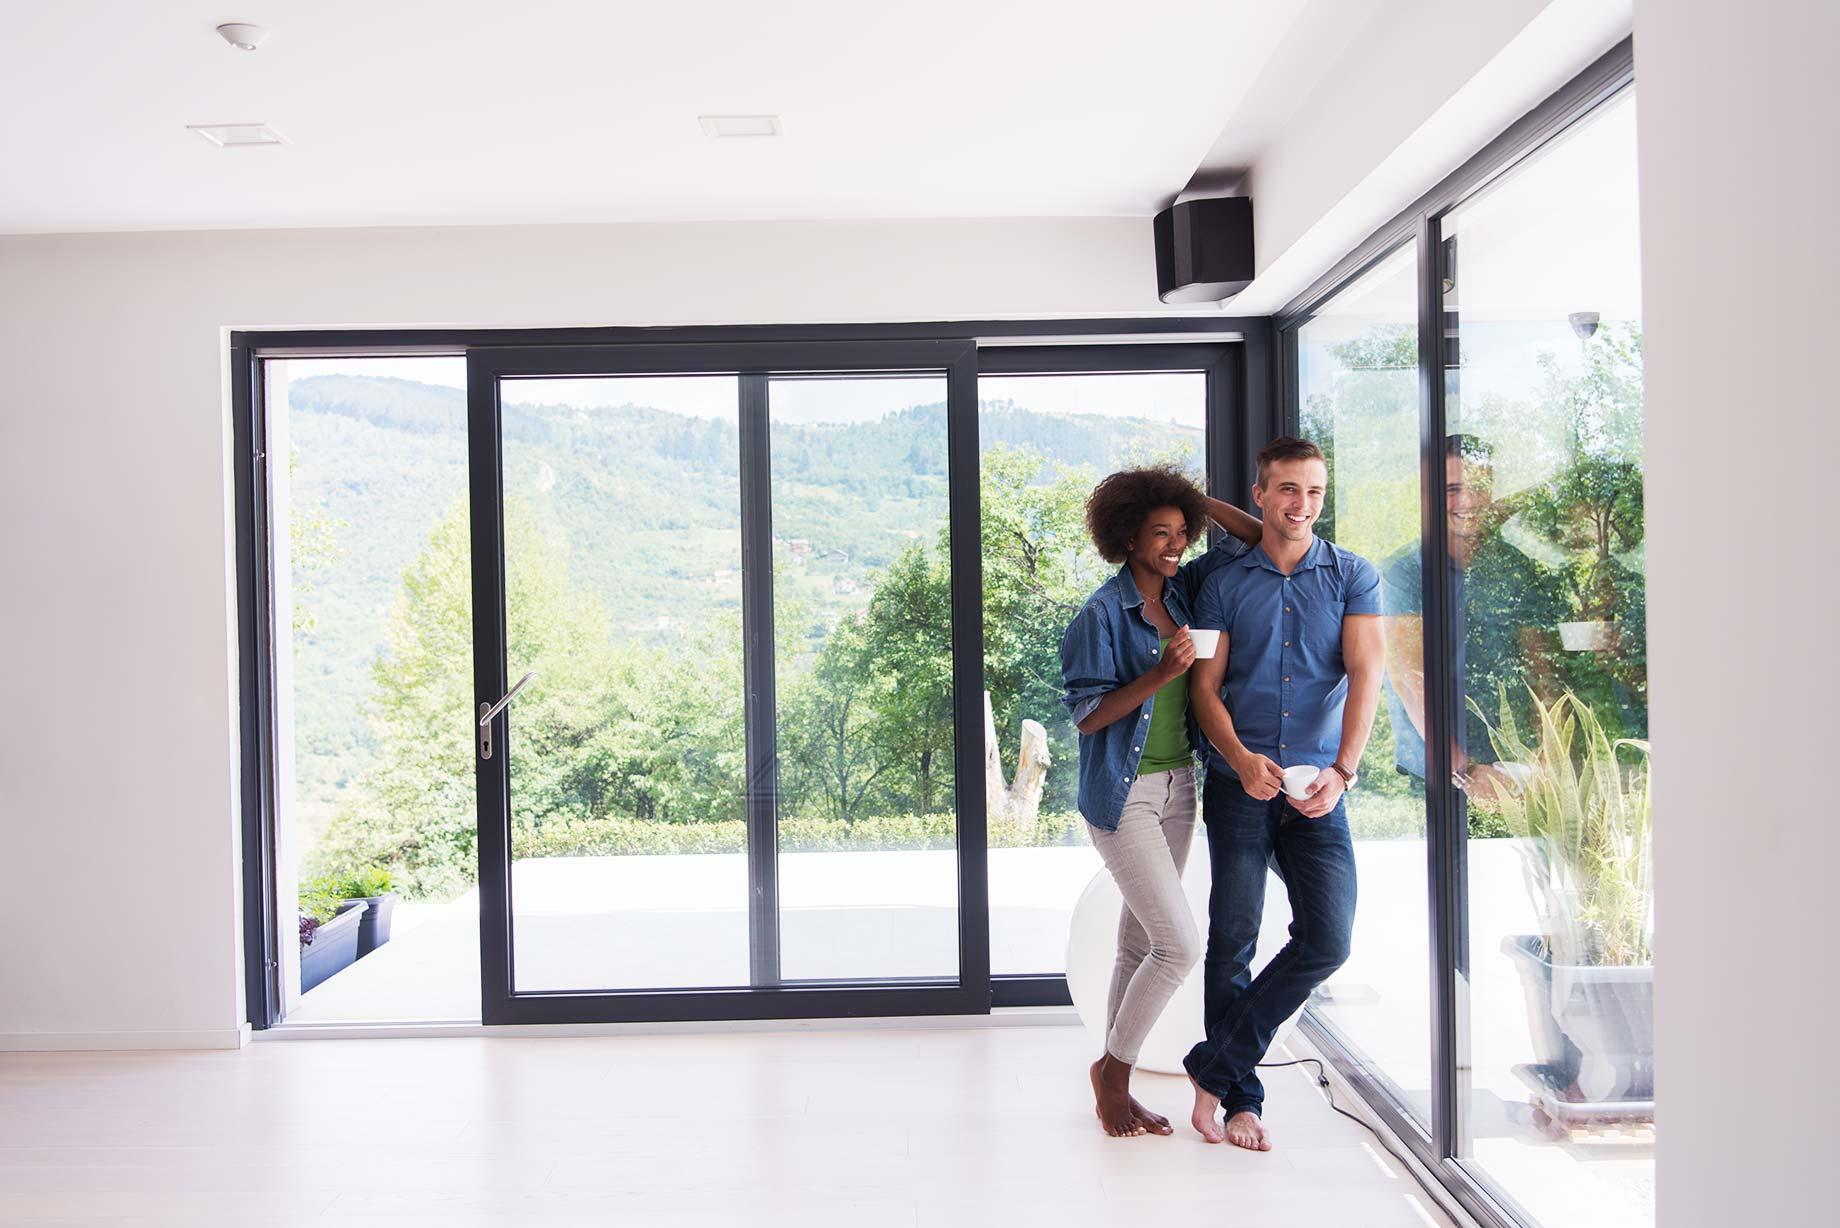 Der Blick ins Grüne durch Bodentiefe Fenster kann sich positiv auf die eigene Gesundheit auswirken.